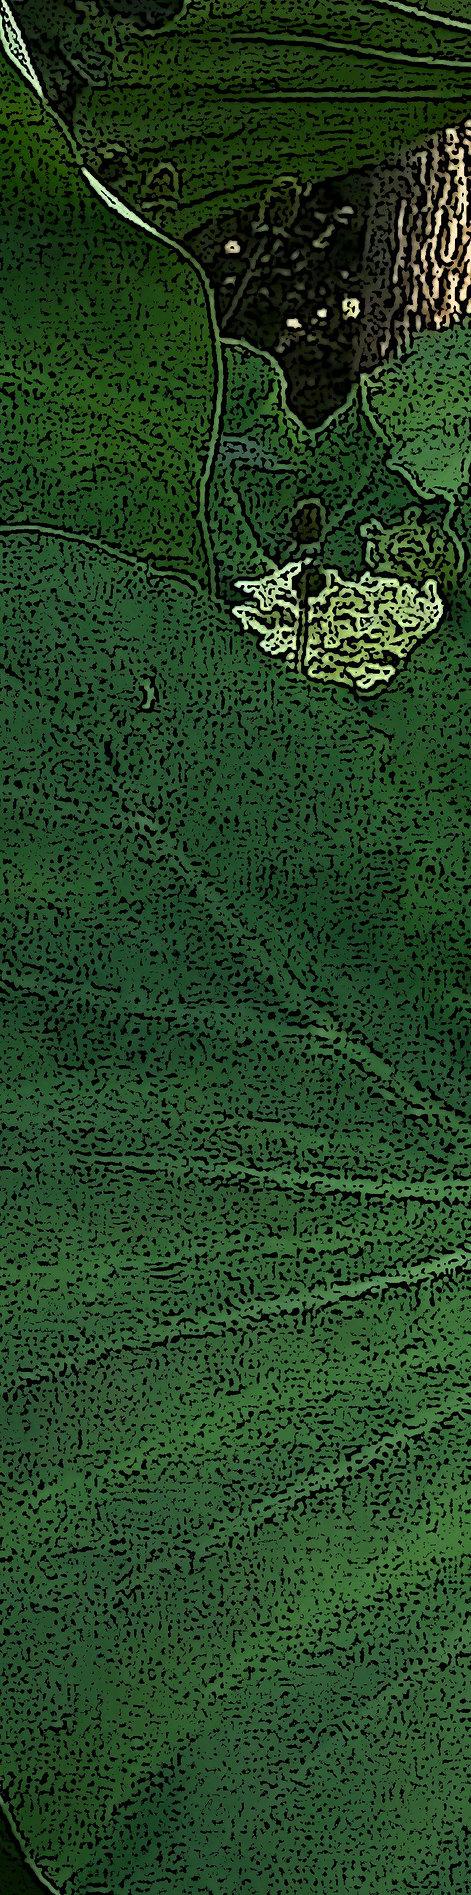 3 (leaf pre pale) c1.jpg